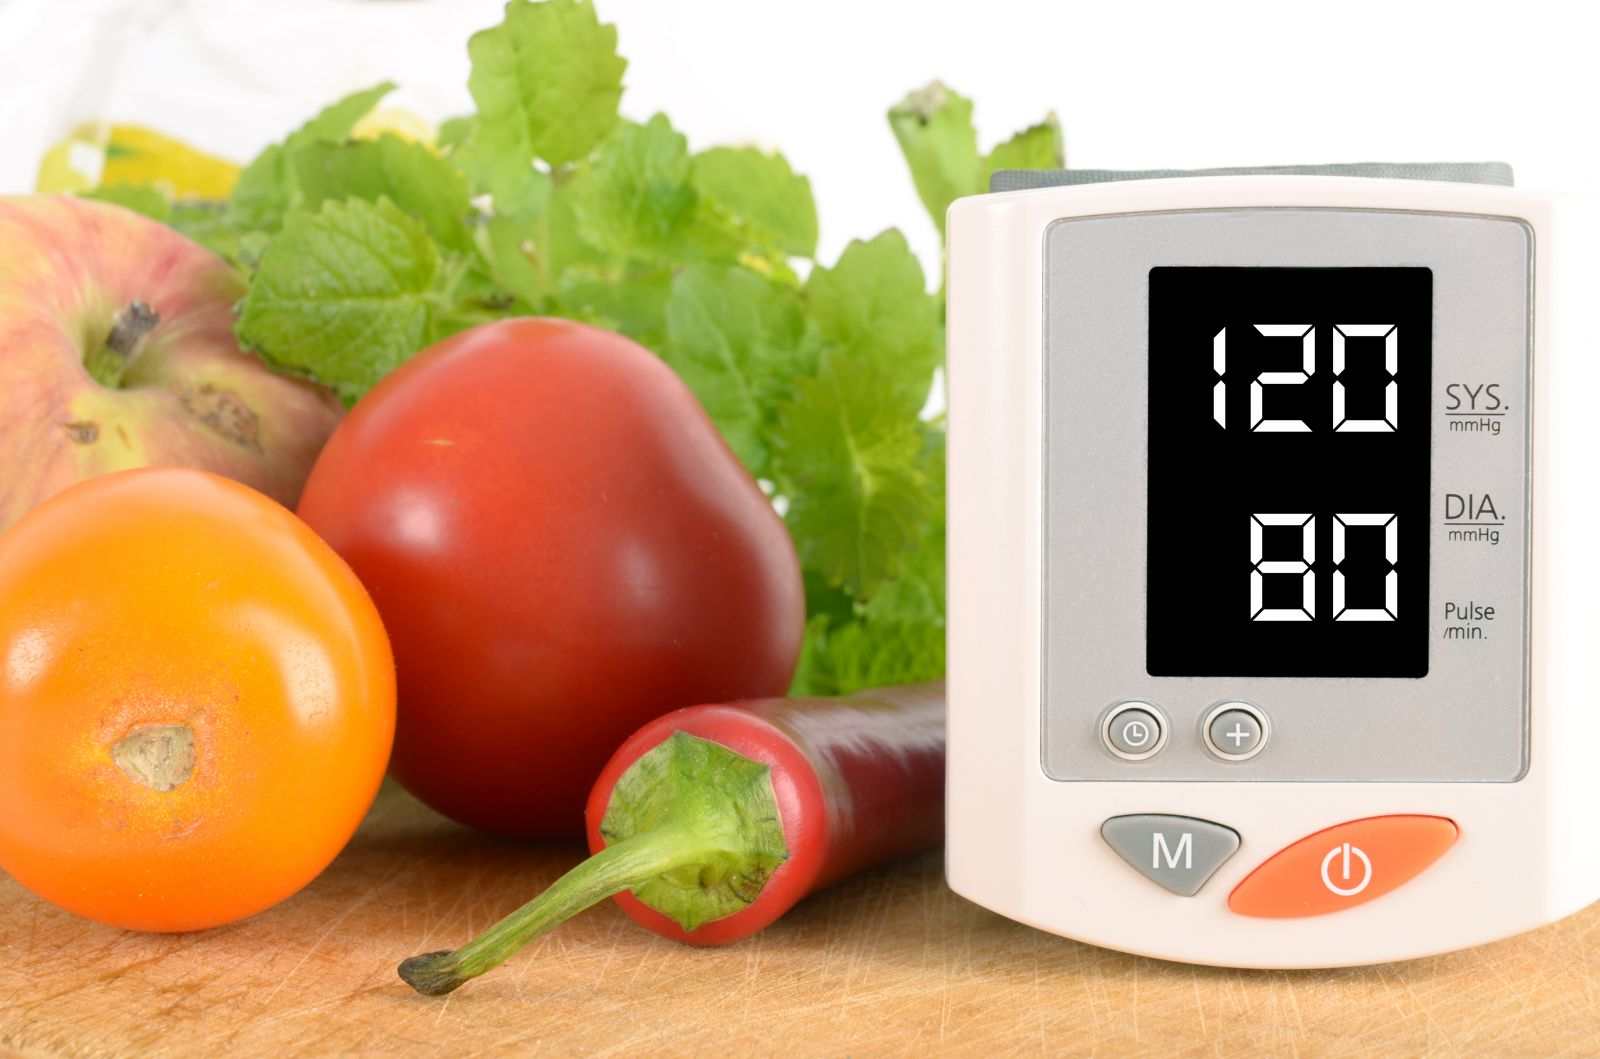 magas vérnyomás-rejtjel az ICB 10 szerint magas vérnyomás, neurózis és tachycardia